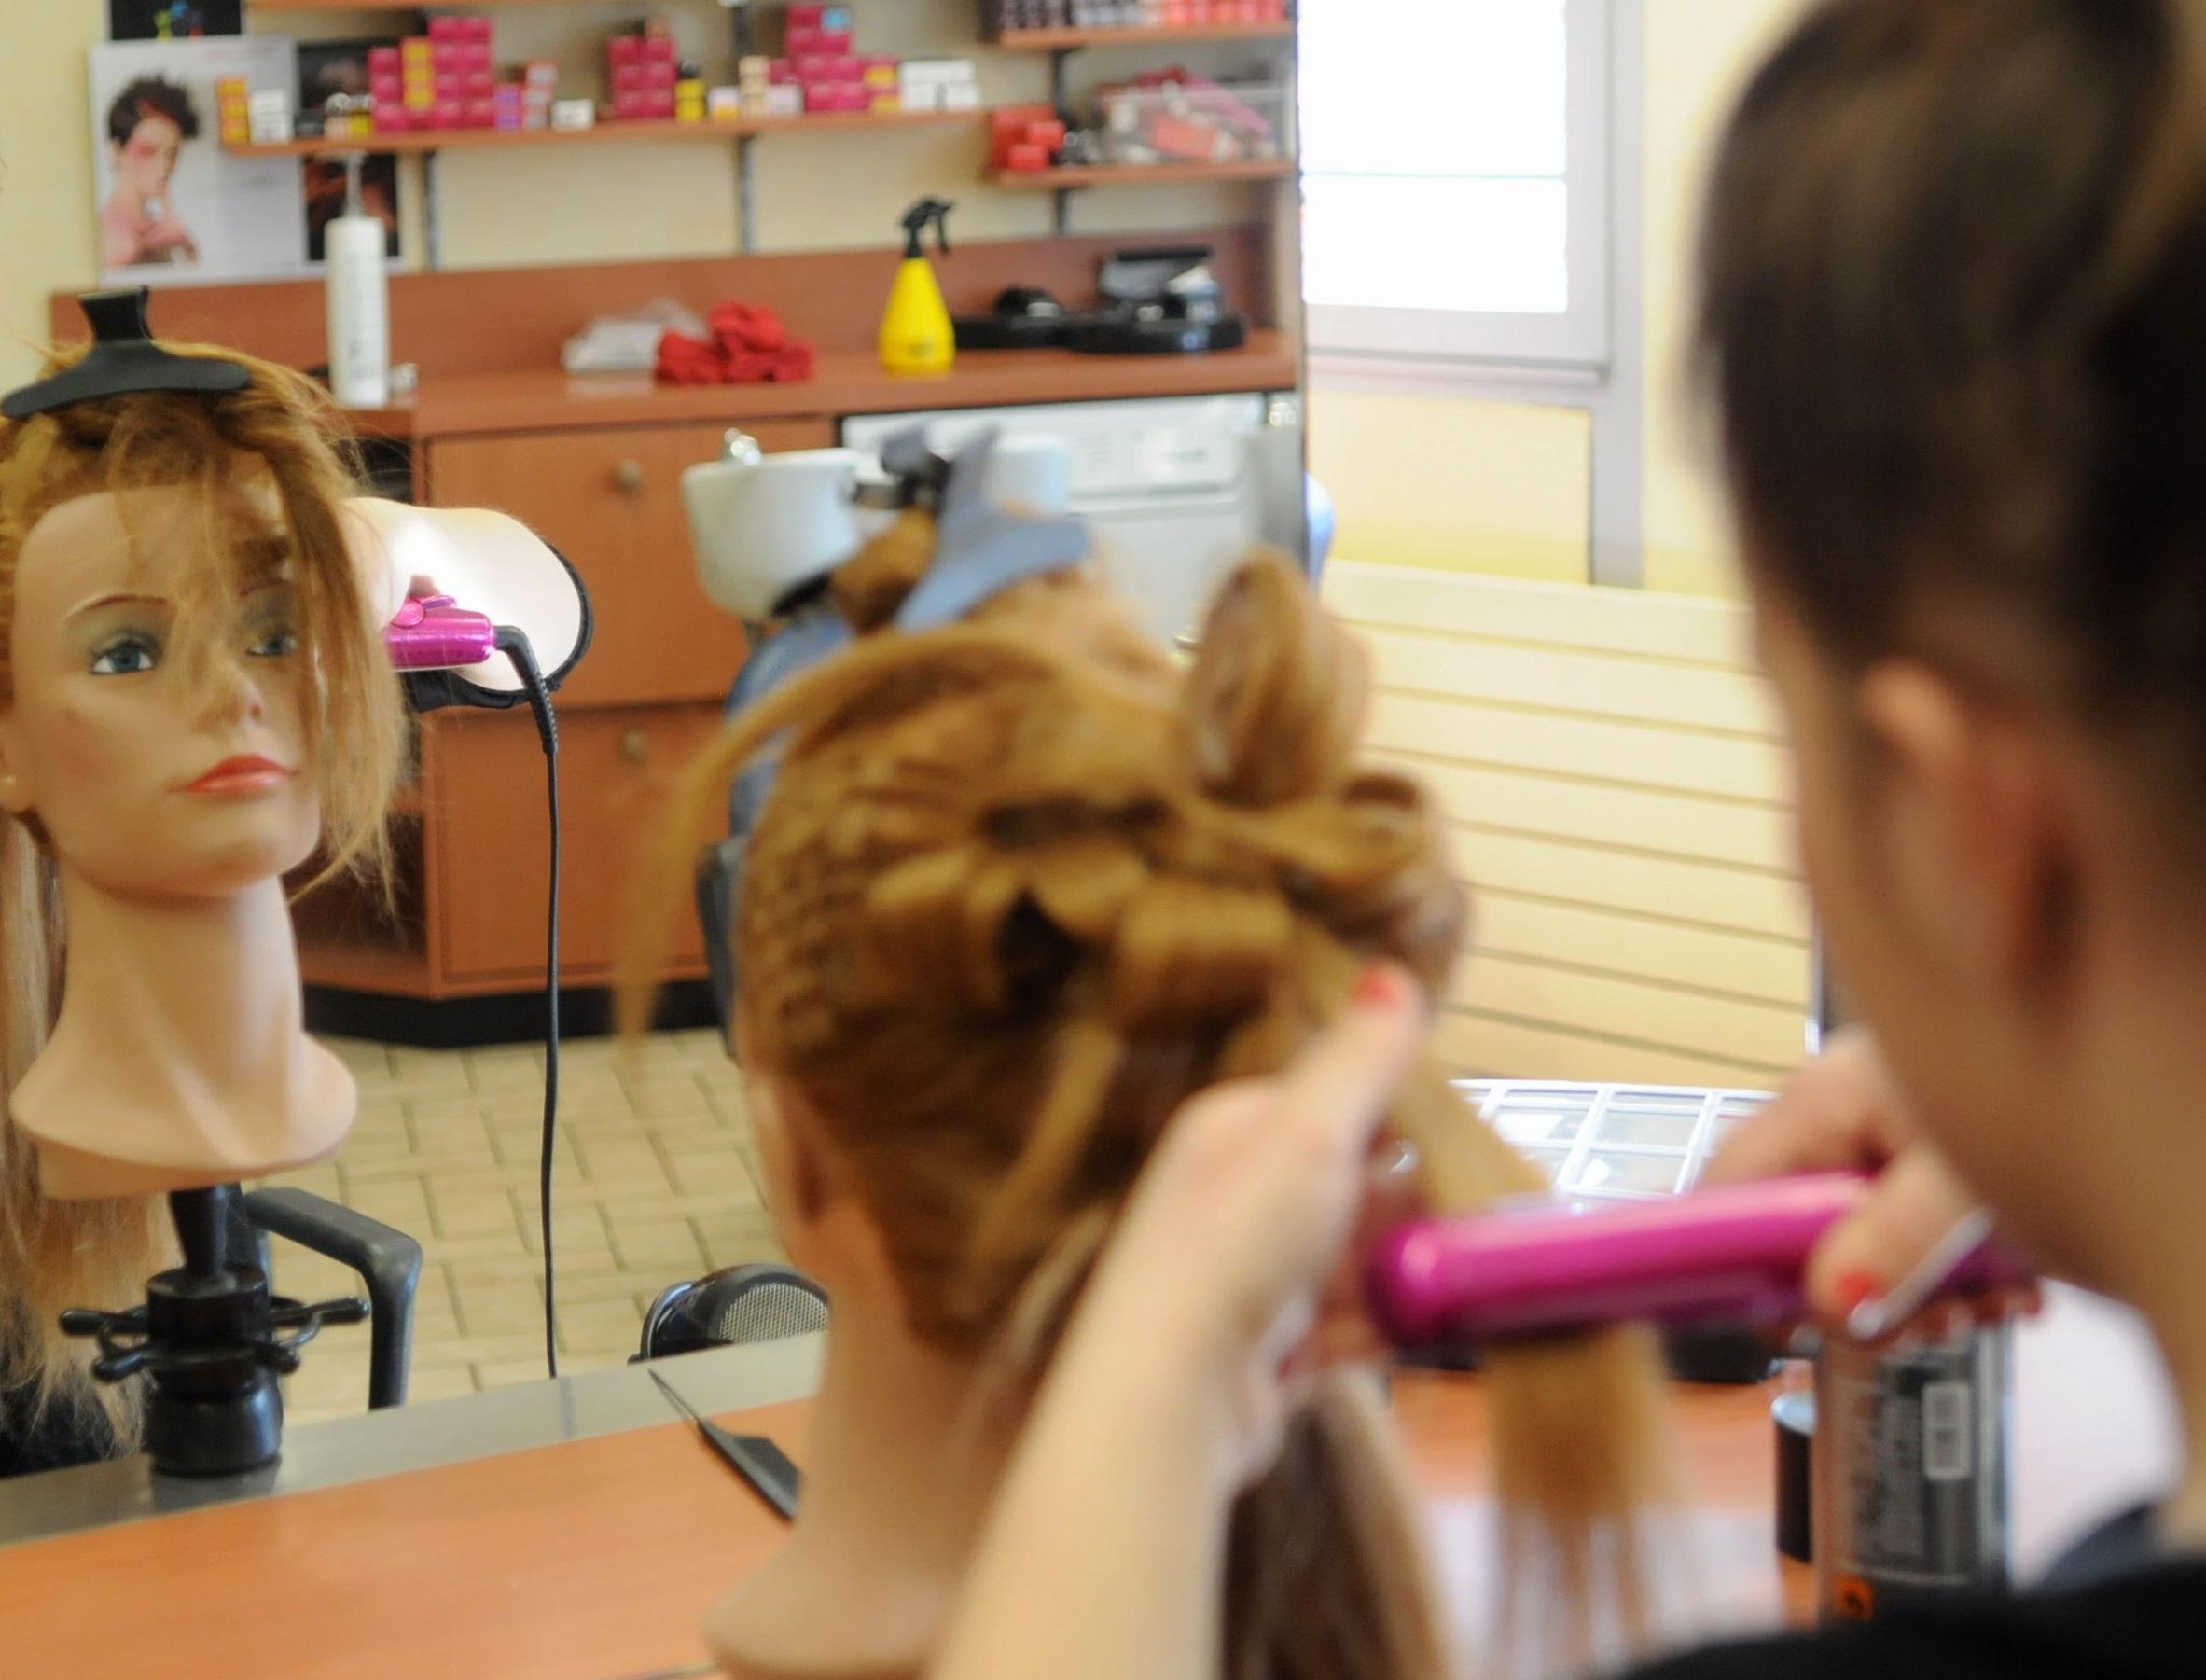 coiffeur pourquoi madame paie plus